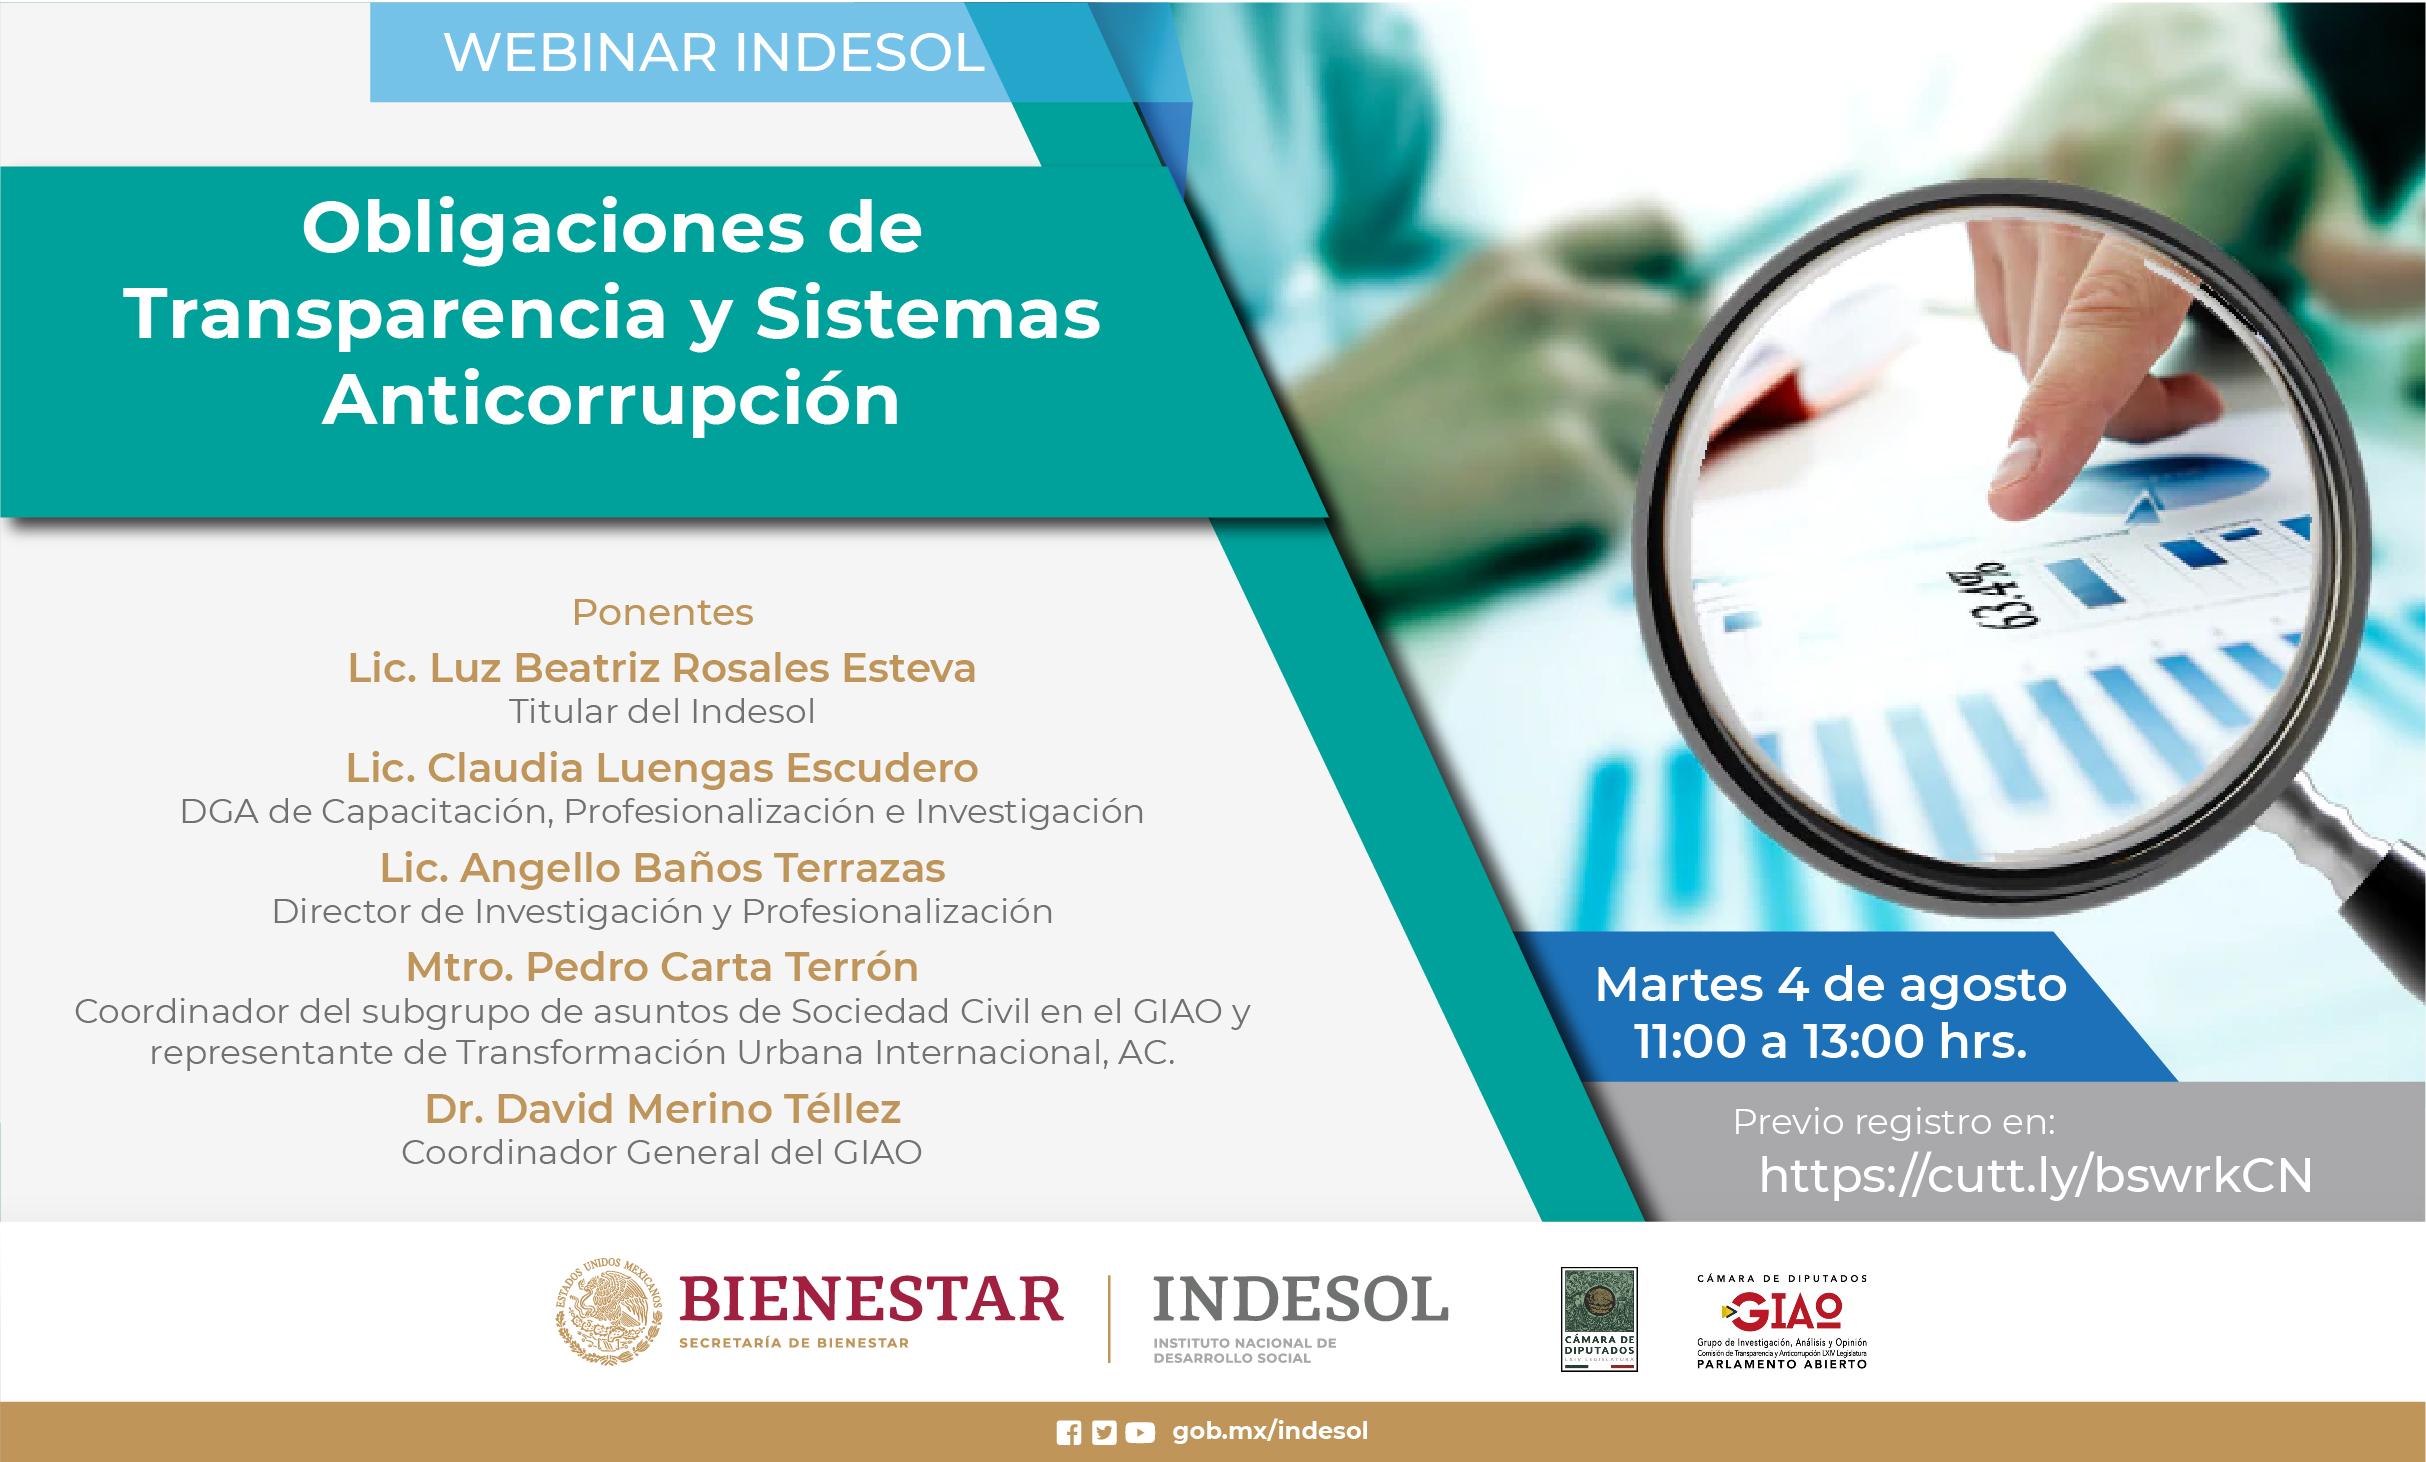 Webinar Indesol: Obligaciones de Transparencia y Sistemas Anticorrupción